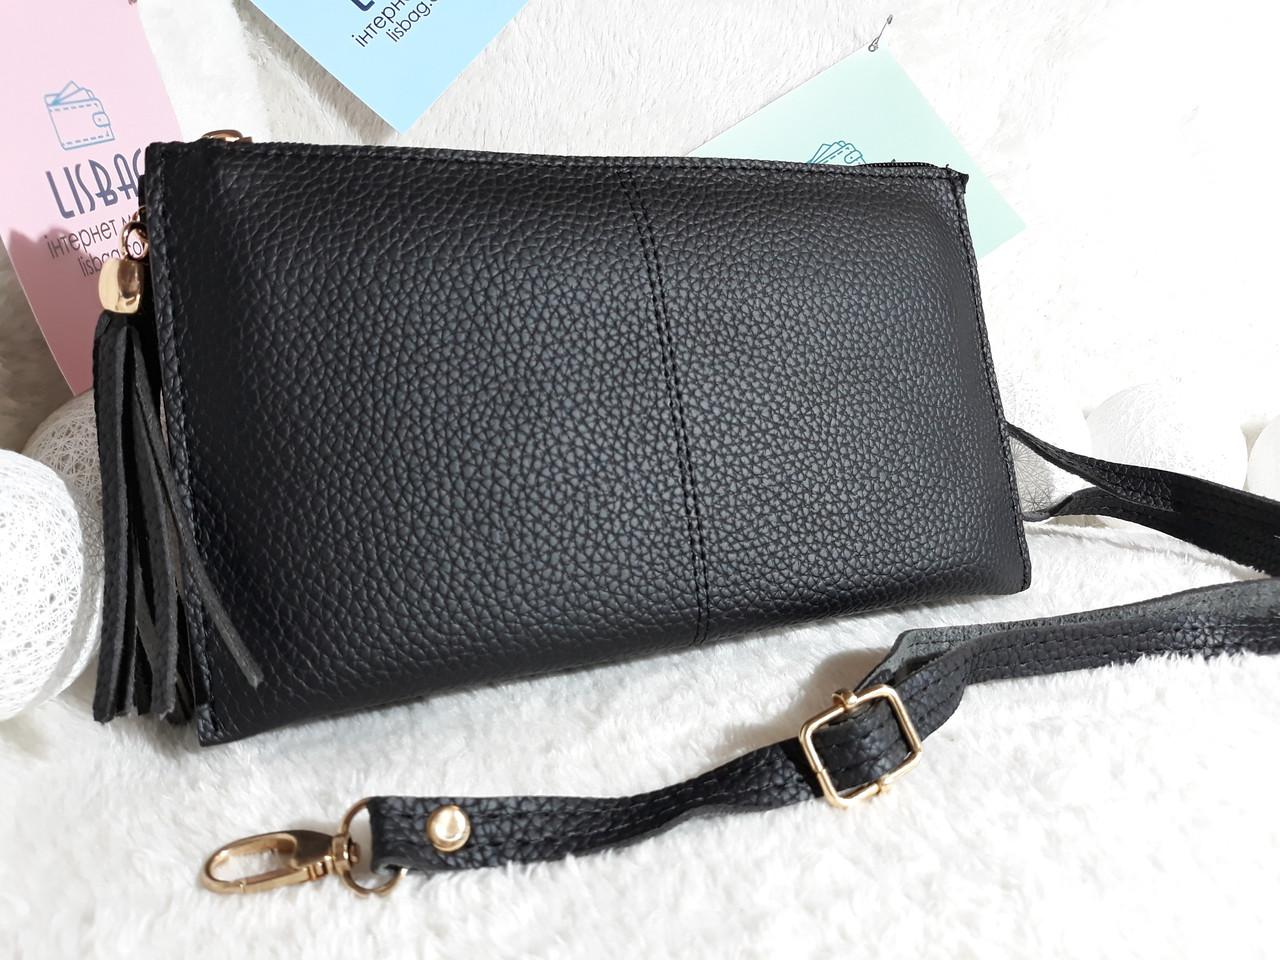 cd7b7dad027e Маленькая женская сумка 2в1 (клатч,сумка) - Интернет магазин Lisbag в Умани